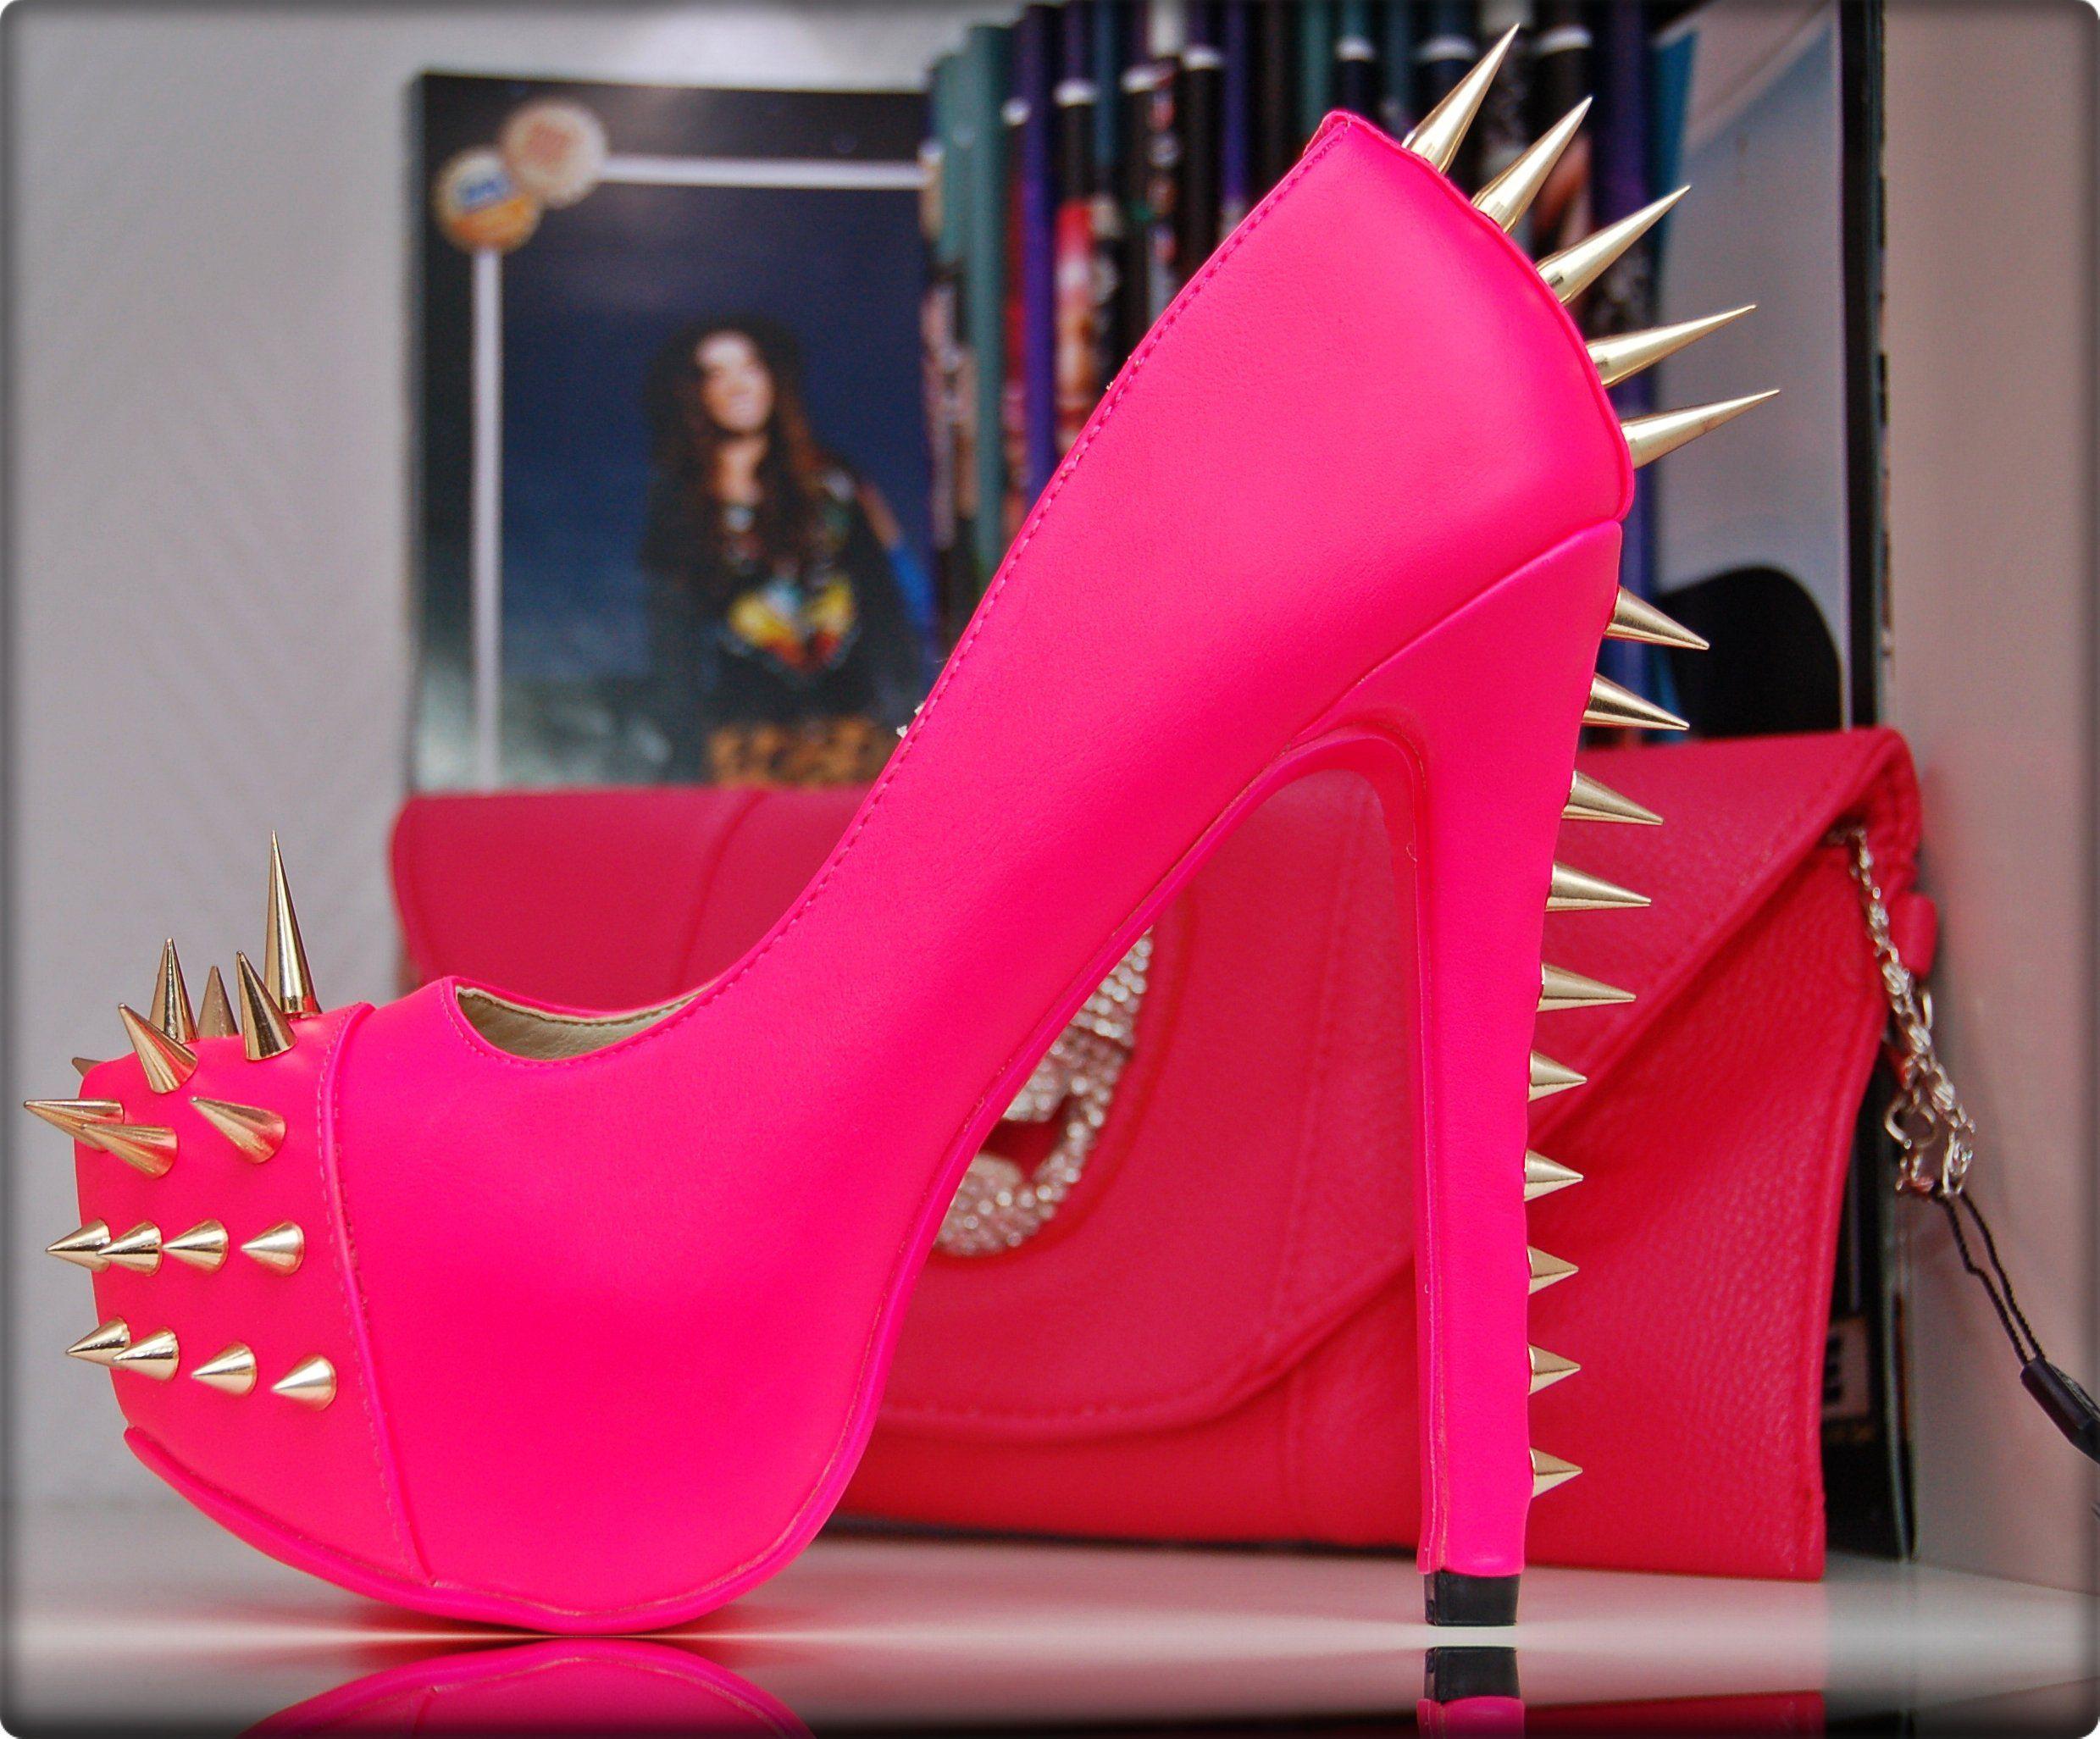 Konstante Mach es gut Mama  Luxus Nieten Pumps in Neon Pink oder Schwarz mit Gold spikes (35, Pink):  Amazon.de: Schuhe & Handtaschen | Rosa high heels, Strumpfhosen highheels,  Süße schuhe